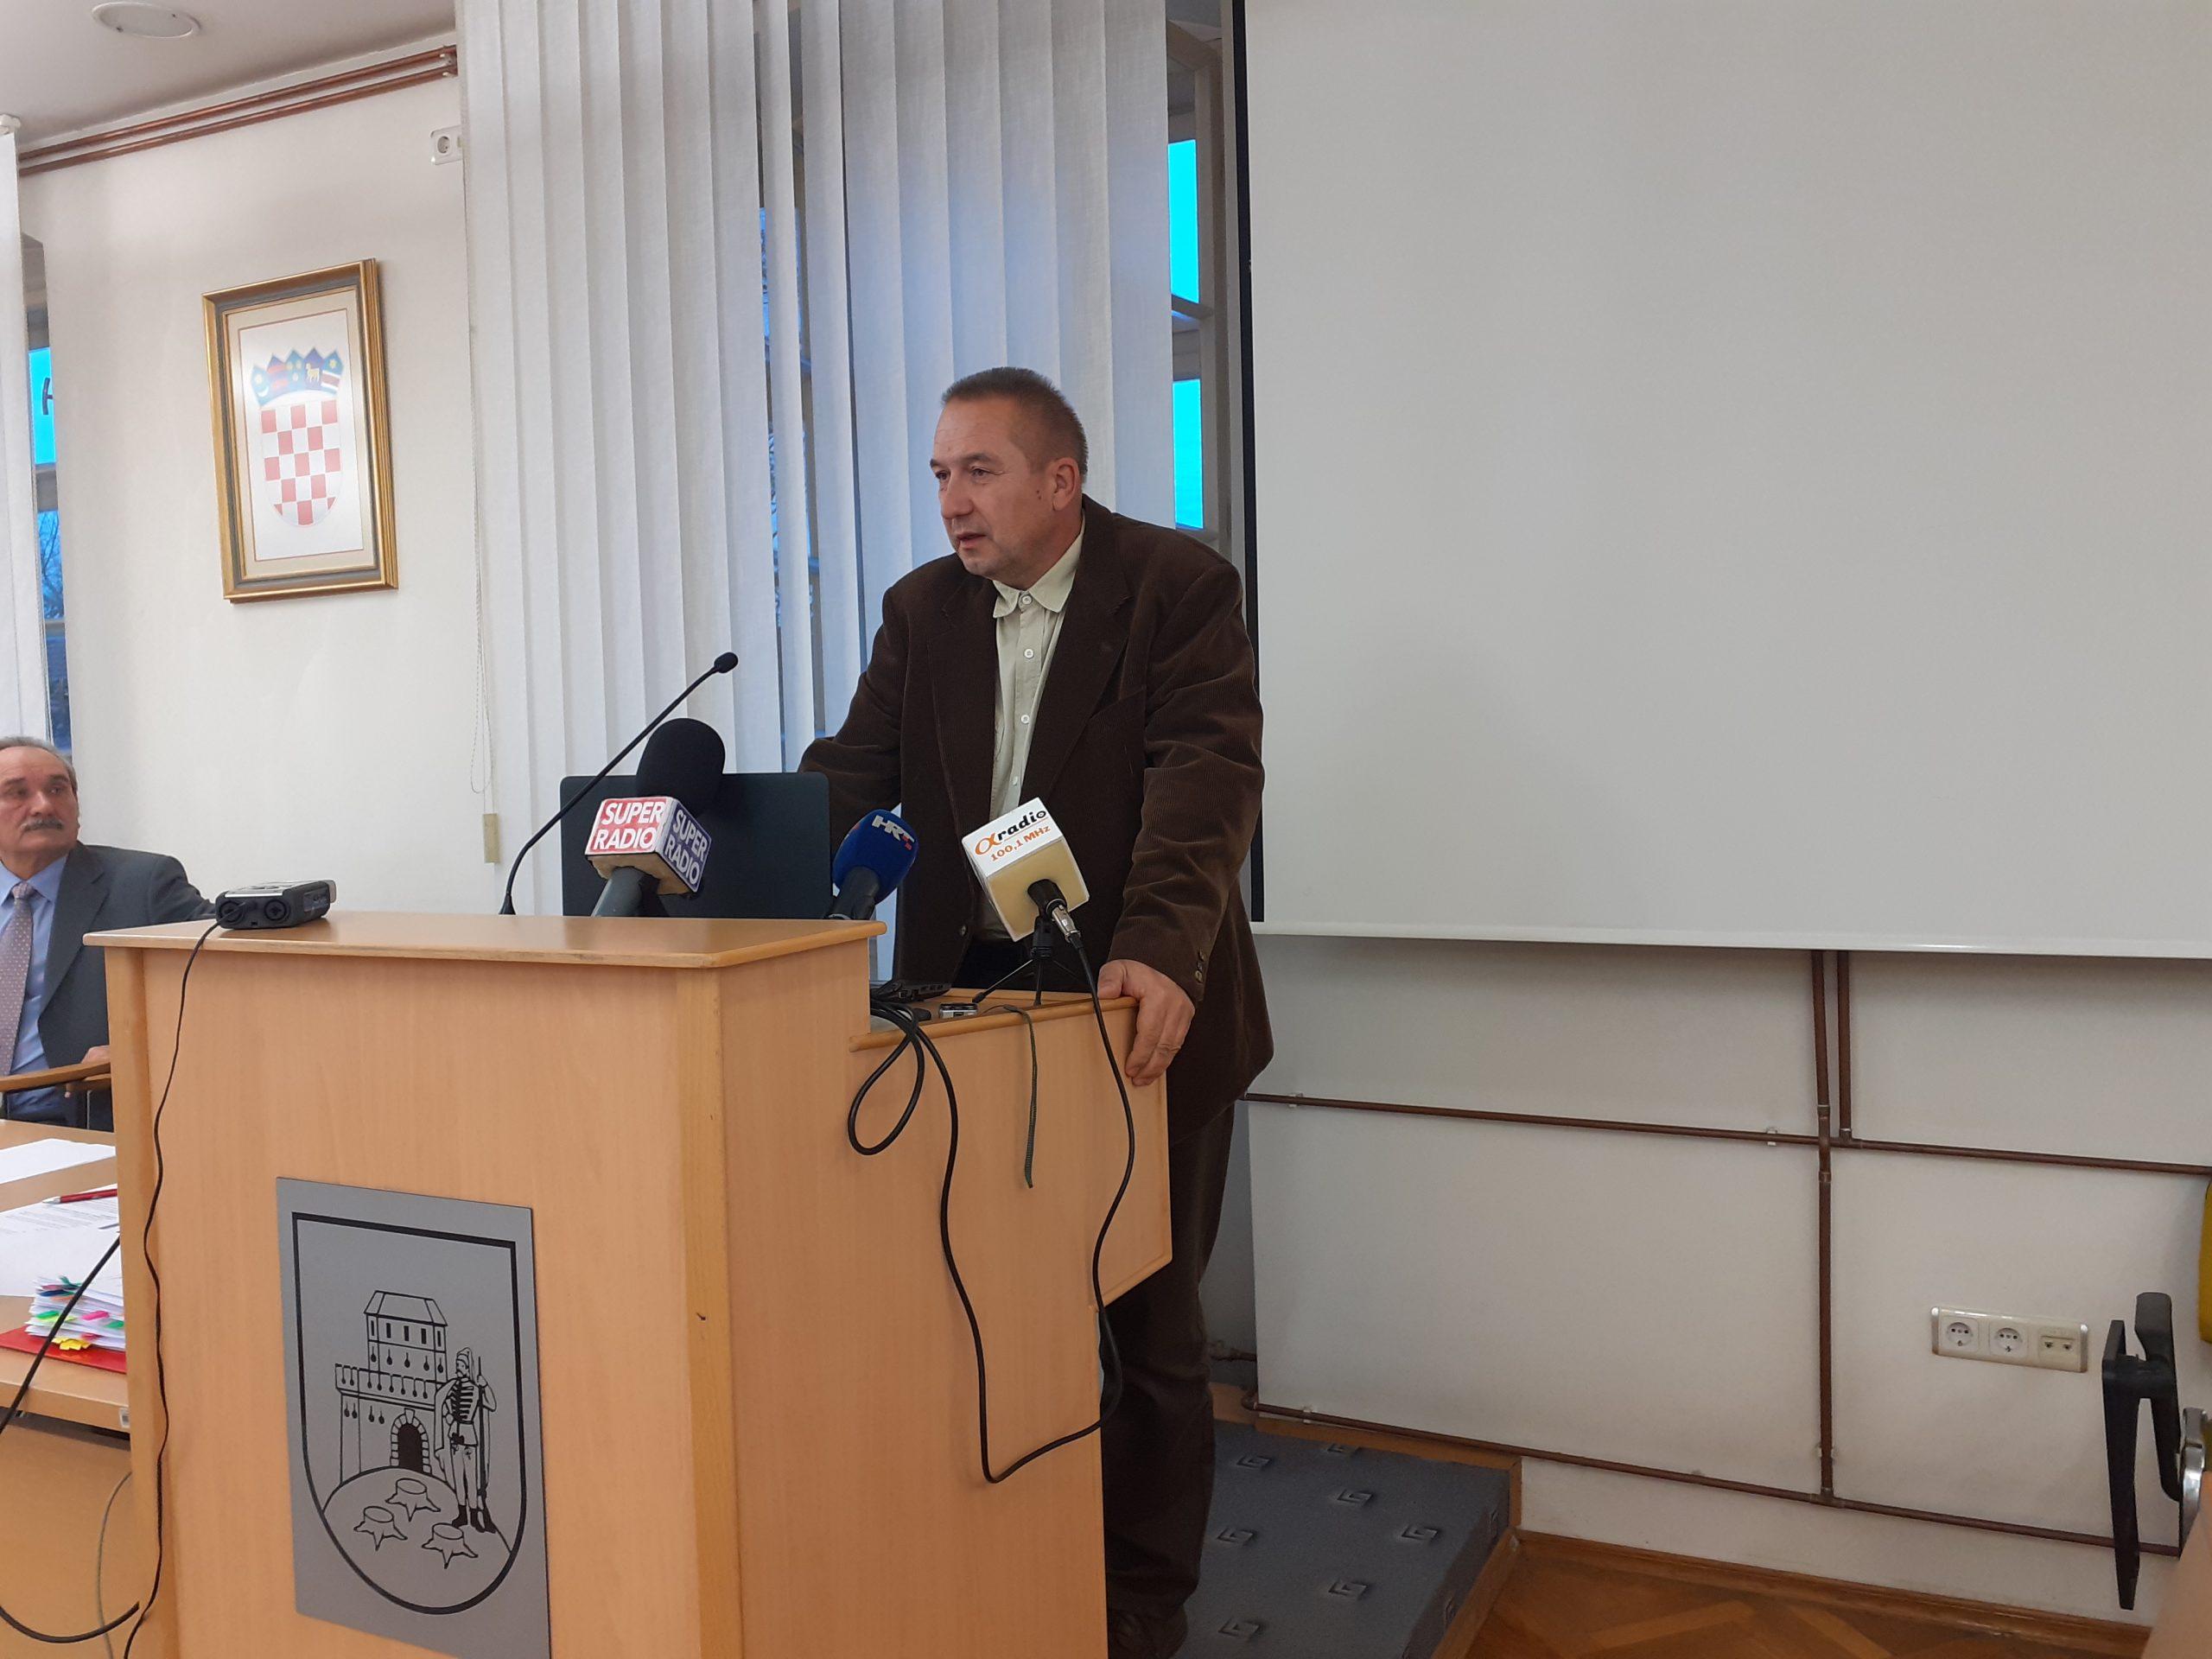 OPTUŽNICA ZBOG LOVA Gradski vijećnik Nekvapil odbija optužbe za malverzacije